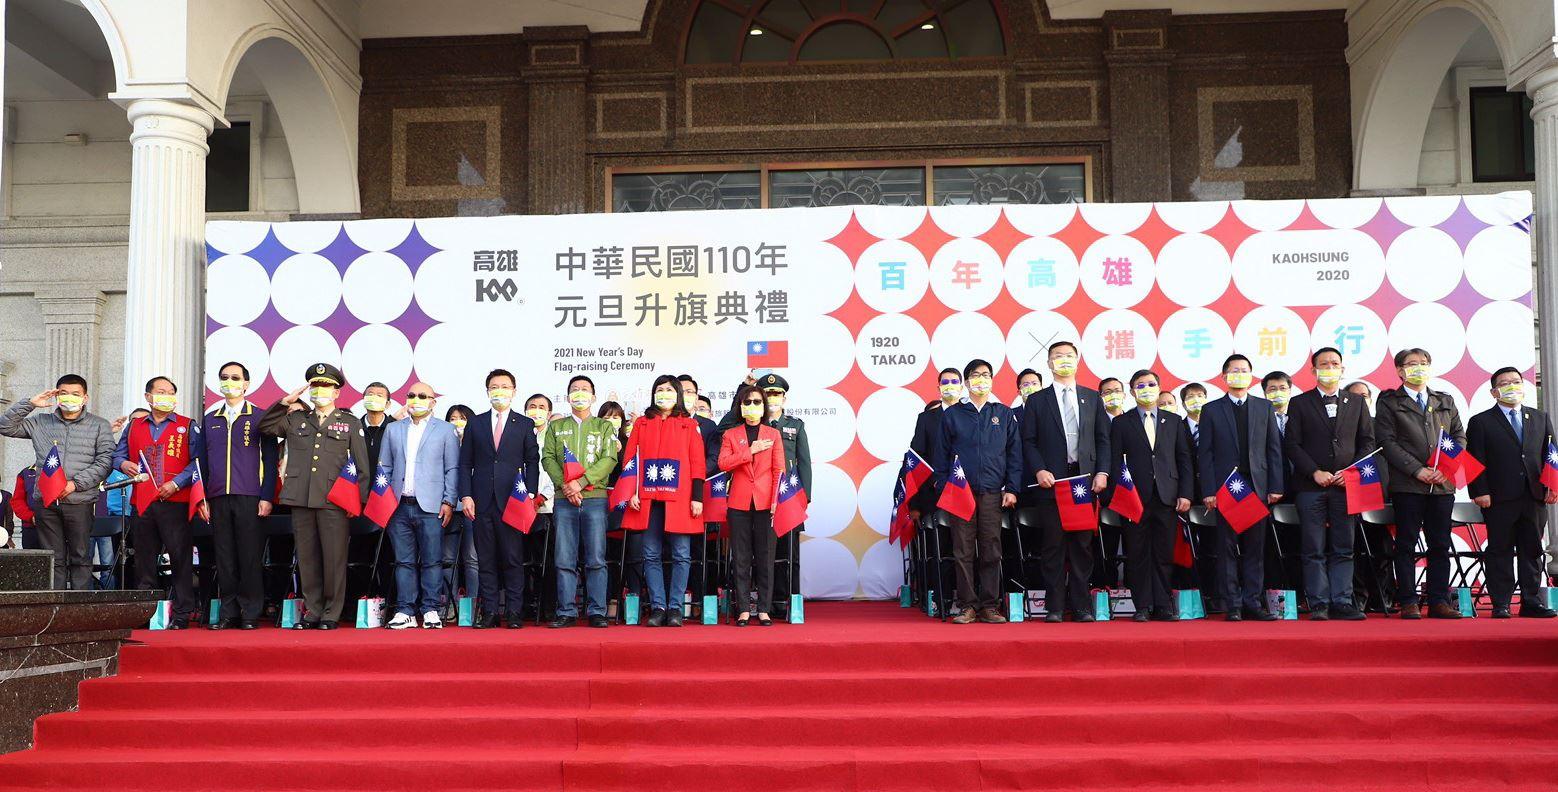 議會、市府團隊仰望國旗升起,迎接全新的110年來臨